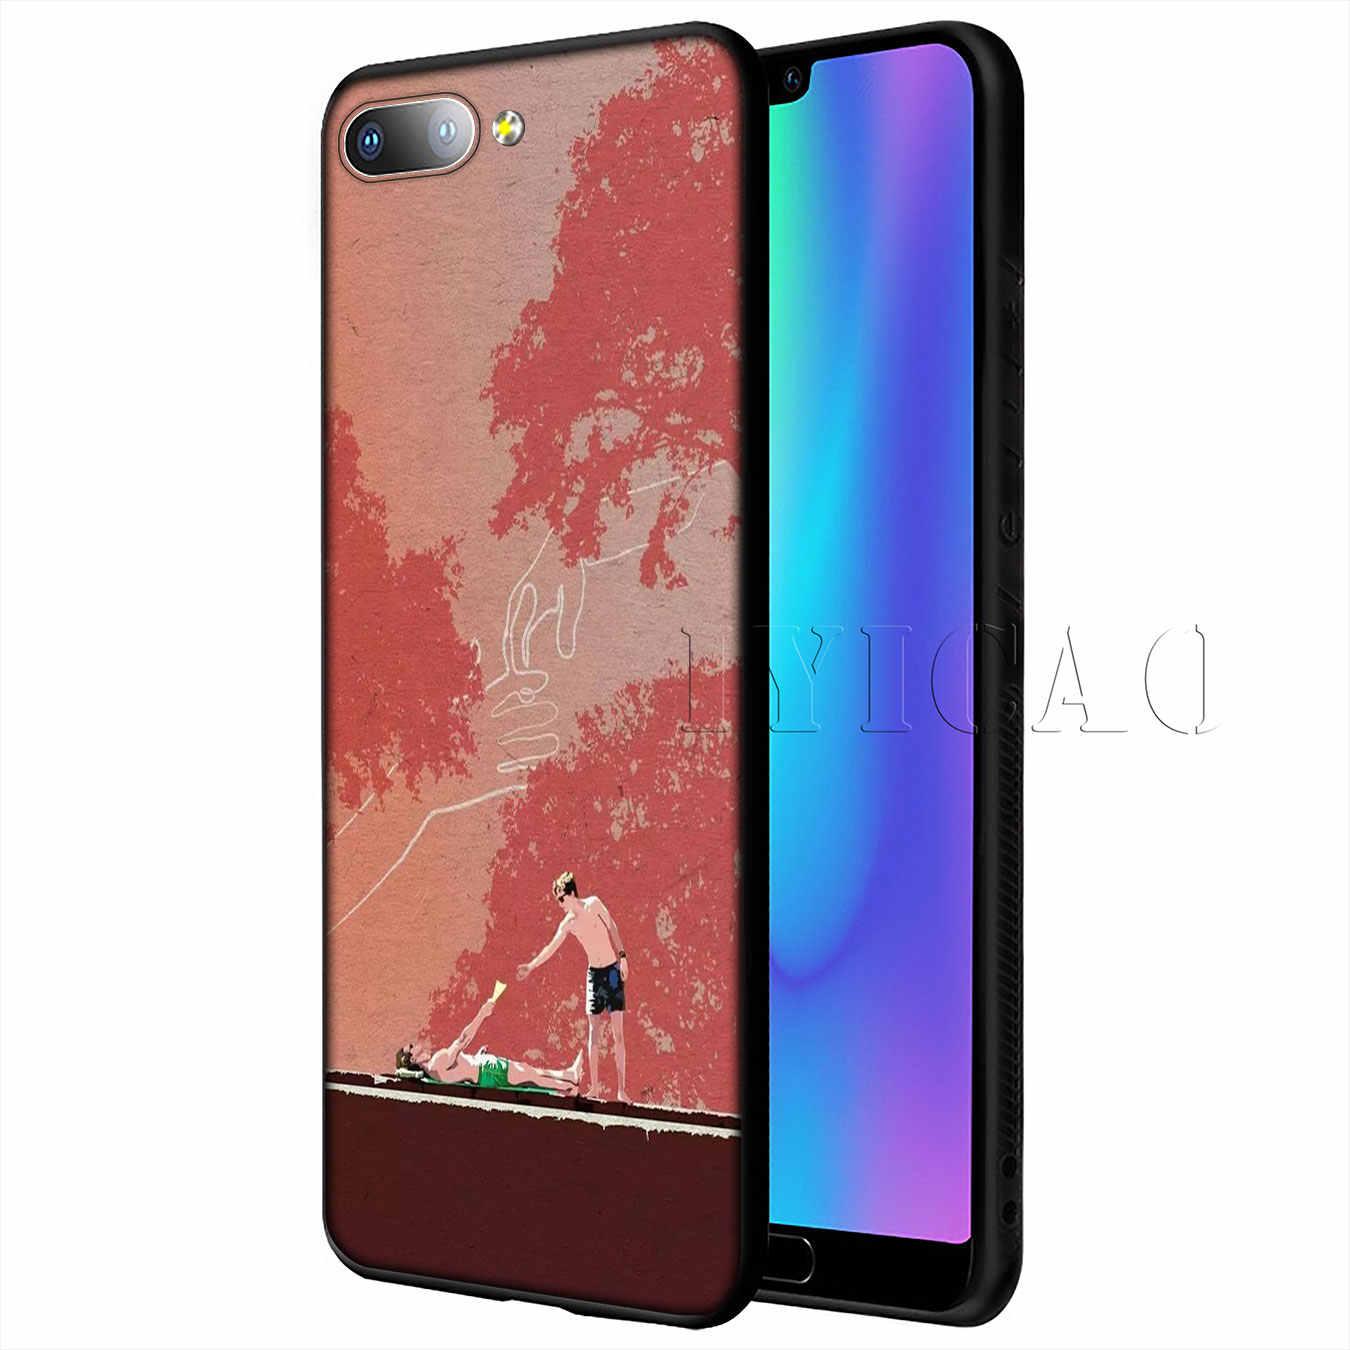 IYICAO お名前で私を呼び出すポスターシリコーン Huawei 社の P20 プロ P10 P8 P9 Lite ミニ 2017 1080p スマート 2019 カバー